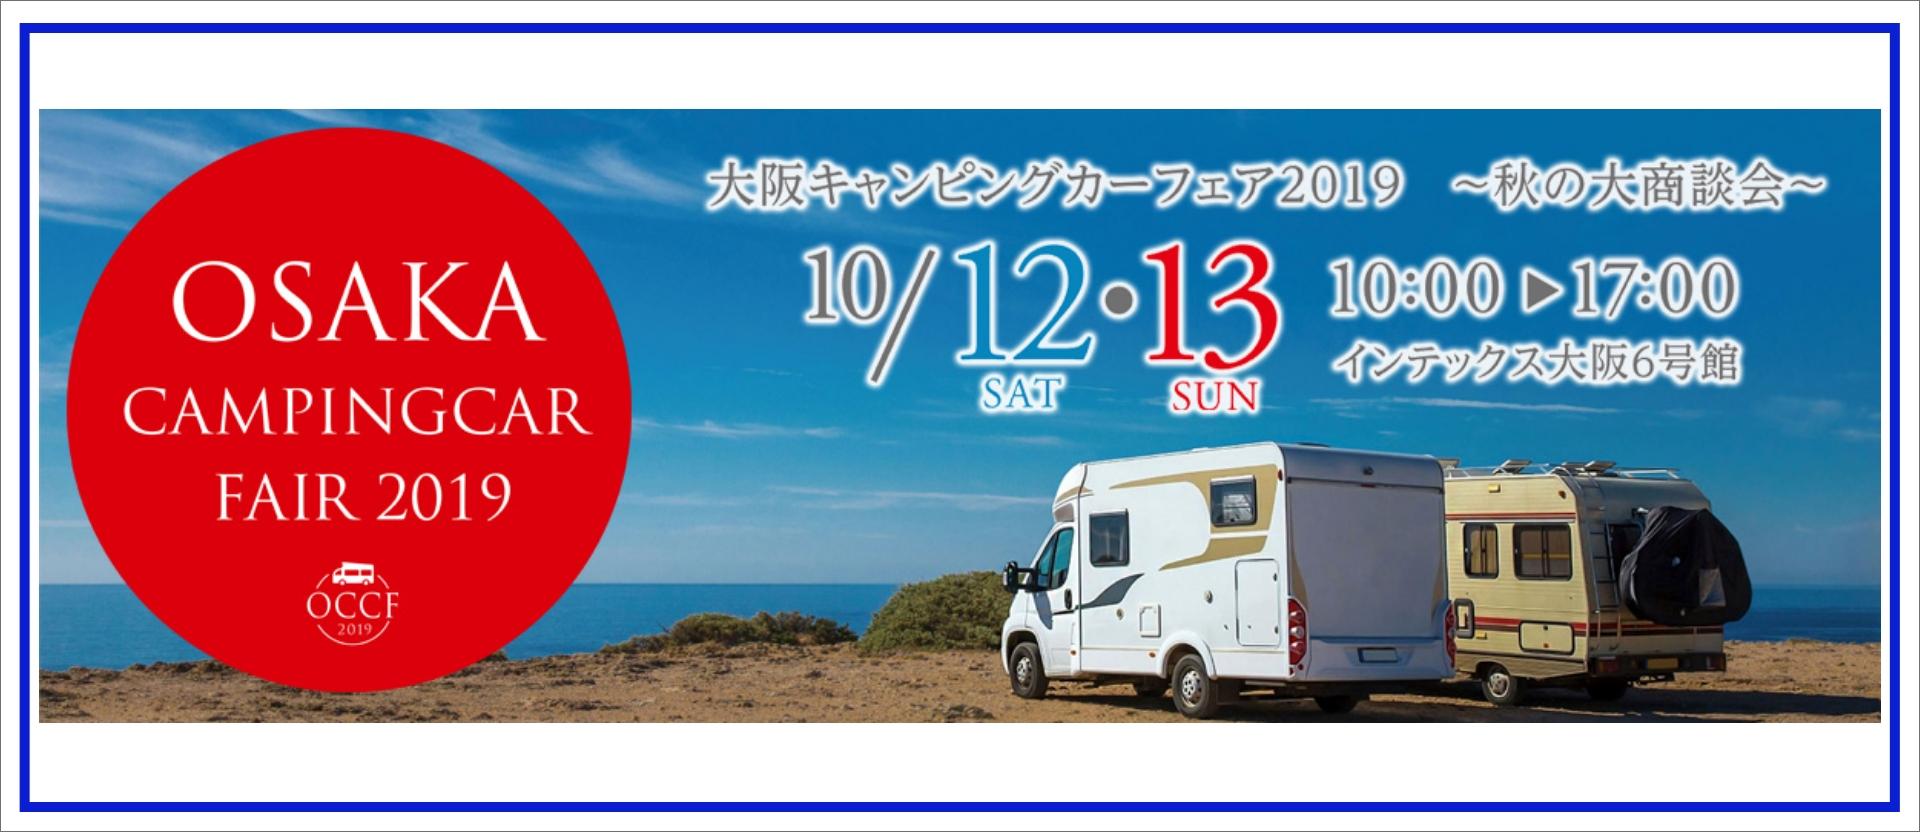 大阪キャンピングカーフェア2019 ~秋の大商談会~ in インテックス大阪